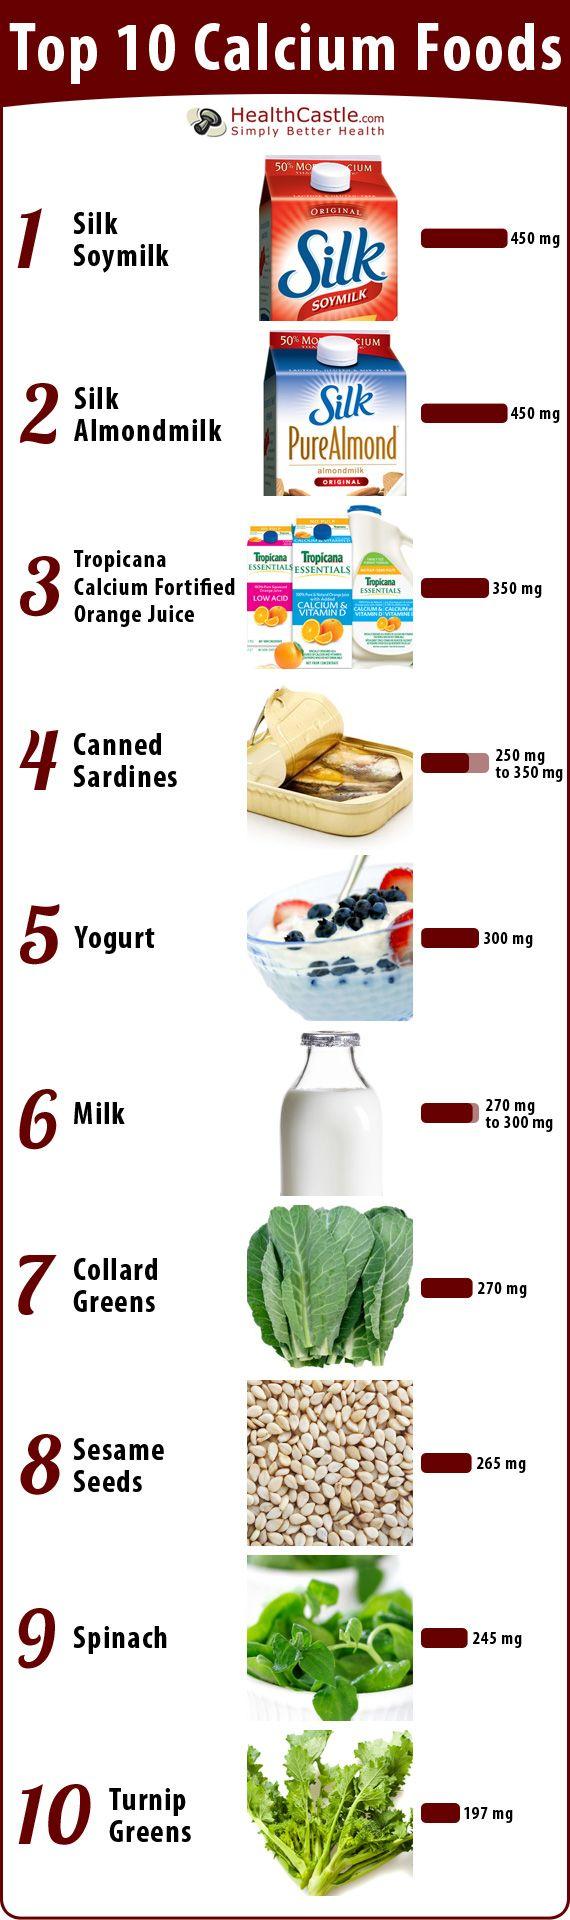 Top 10 Calcium Foods Poster from Health castle. Calcium